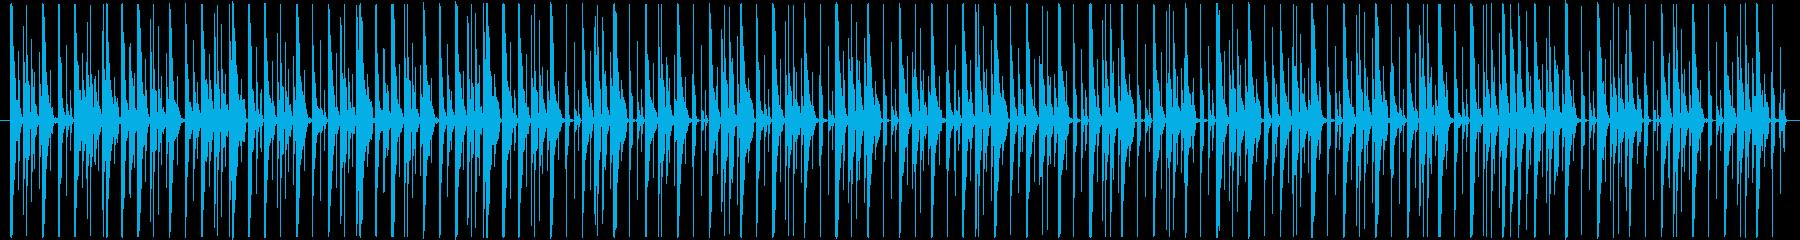 ほのぼのとしてコミカルなBGMの再生済みの波形